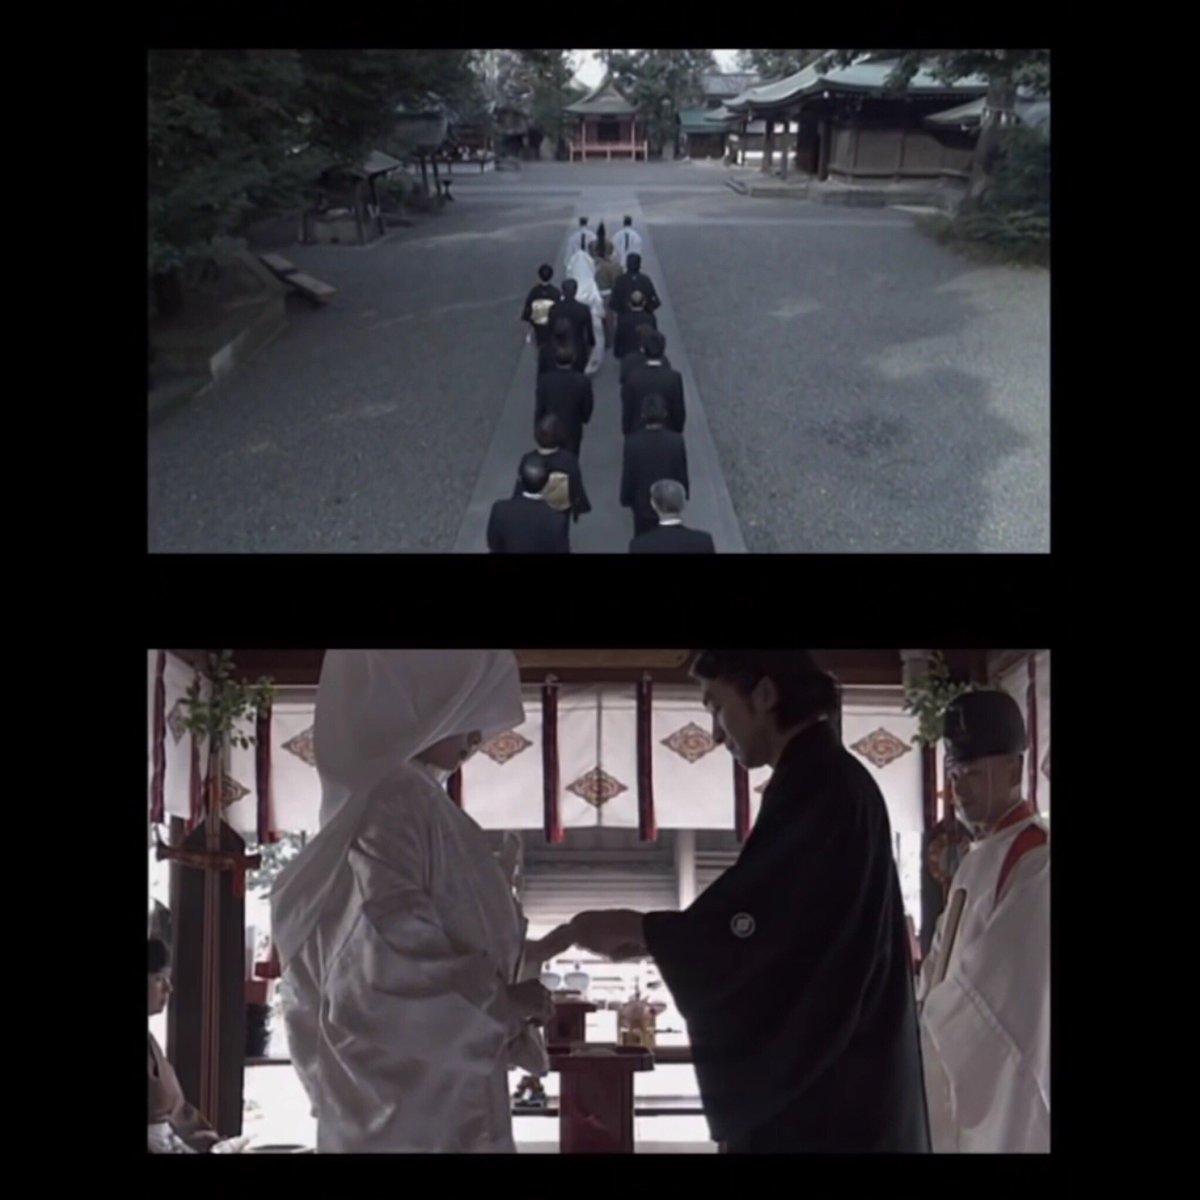 毎年すみませんが今日だけは伝えたい。レミオロメン3月9日は川越氷川神社と氷川会館で撮影されました。#kawagoe  #レミオロメン https://t.co/C4h8zaysN8